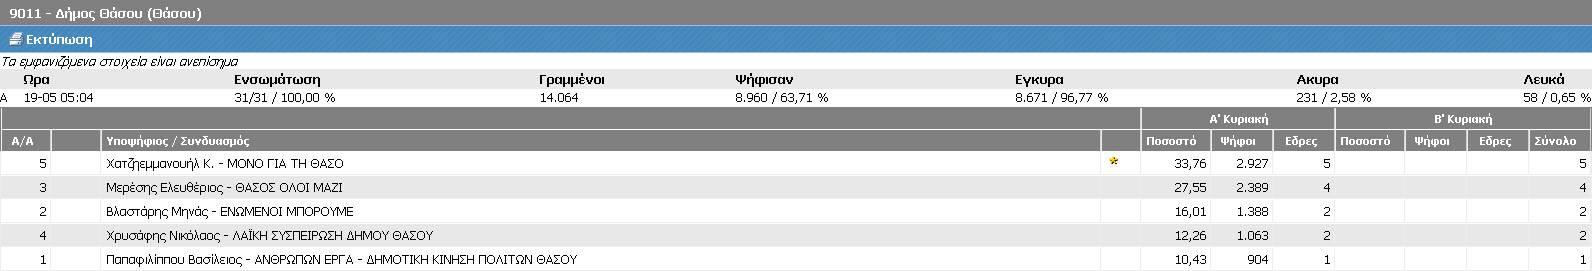 Δήμος Θάσου (Τελικά ΥΠΕΣ, Α' Κυριακή 18/5/2014 - αποτελέσματα 19/5/2014 05:04)